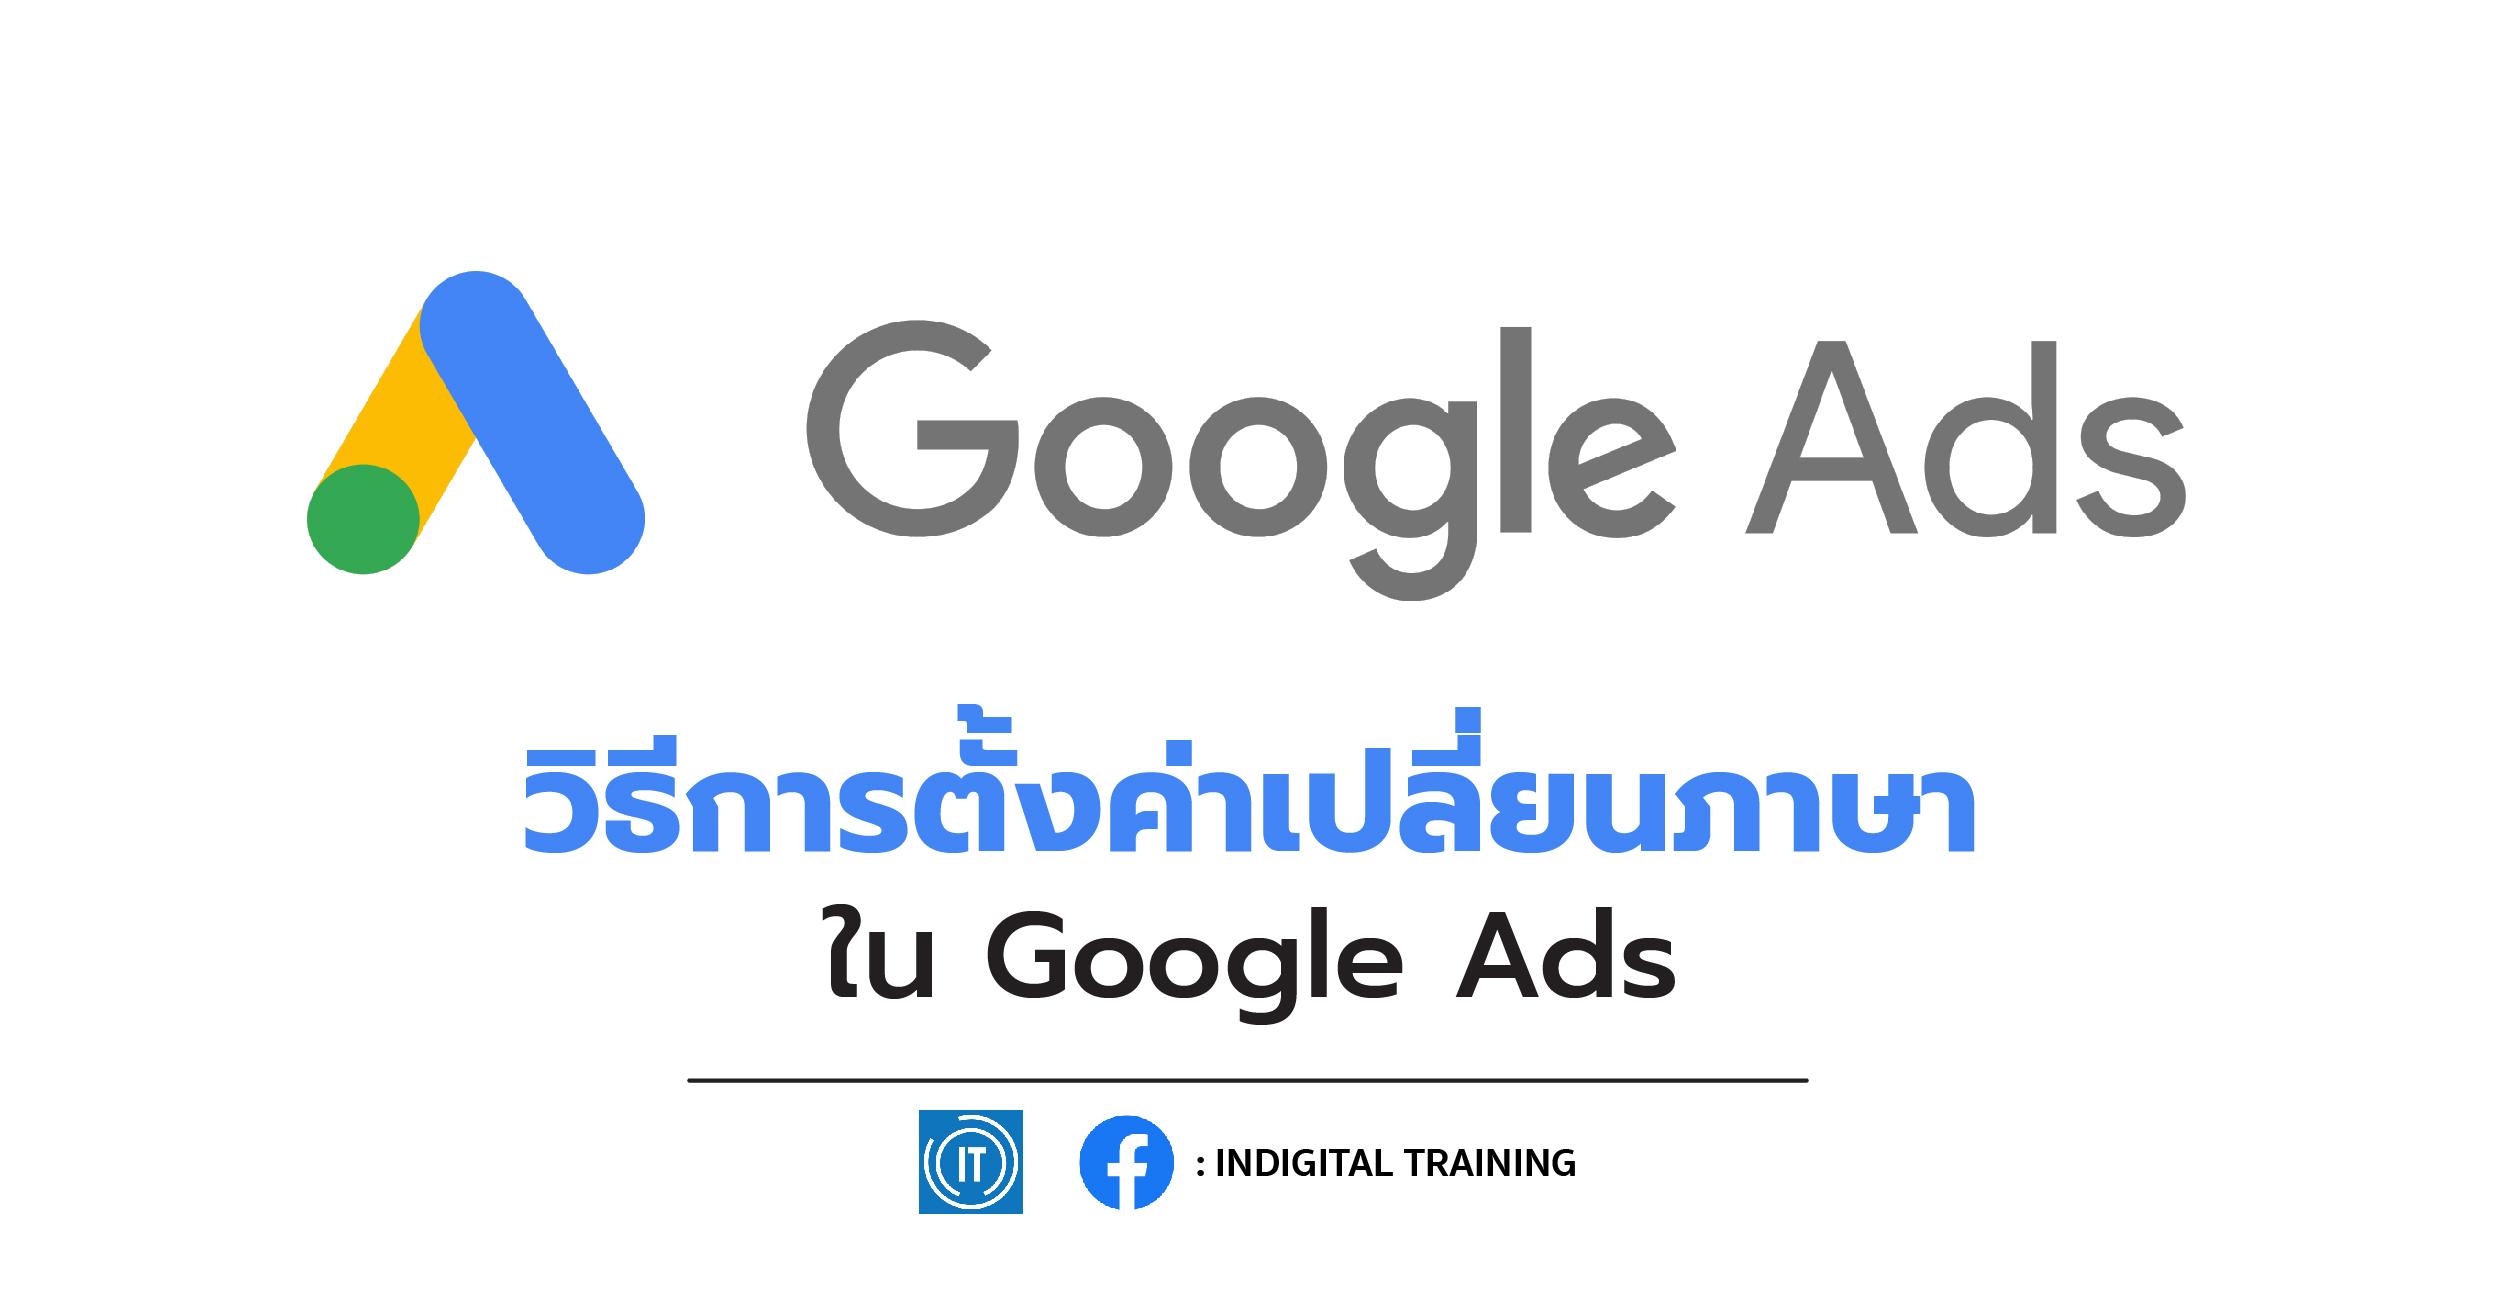 วิธีการตั้งค่าเปลี่ยนภาษาใน Google Ads